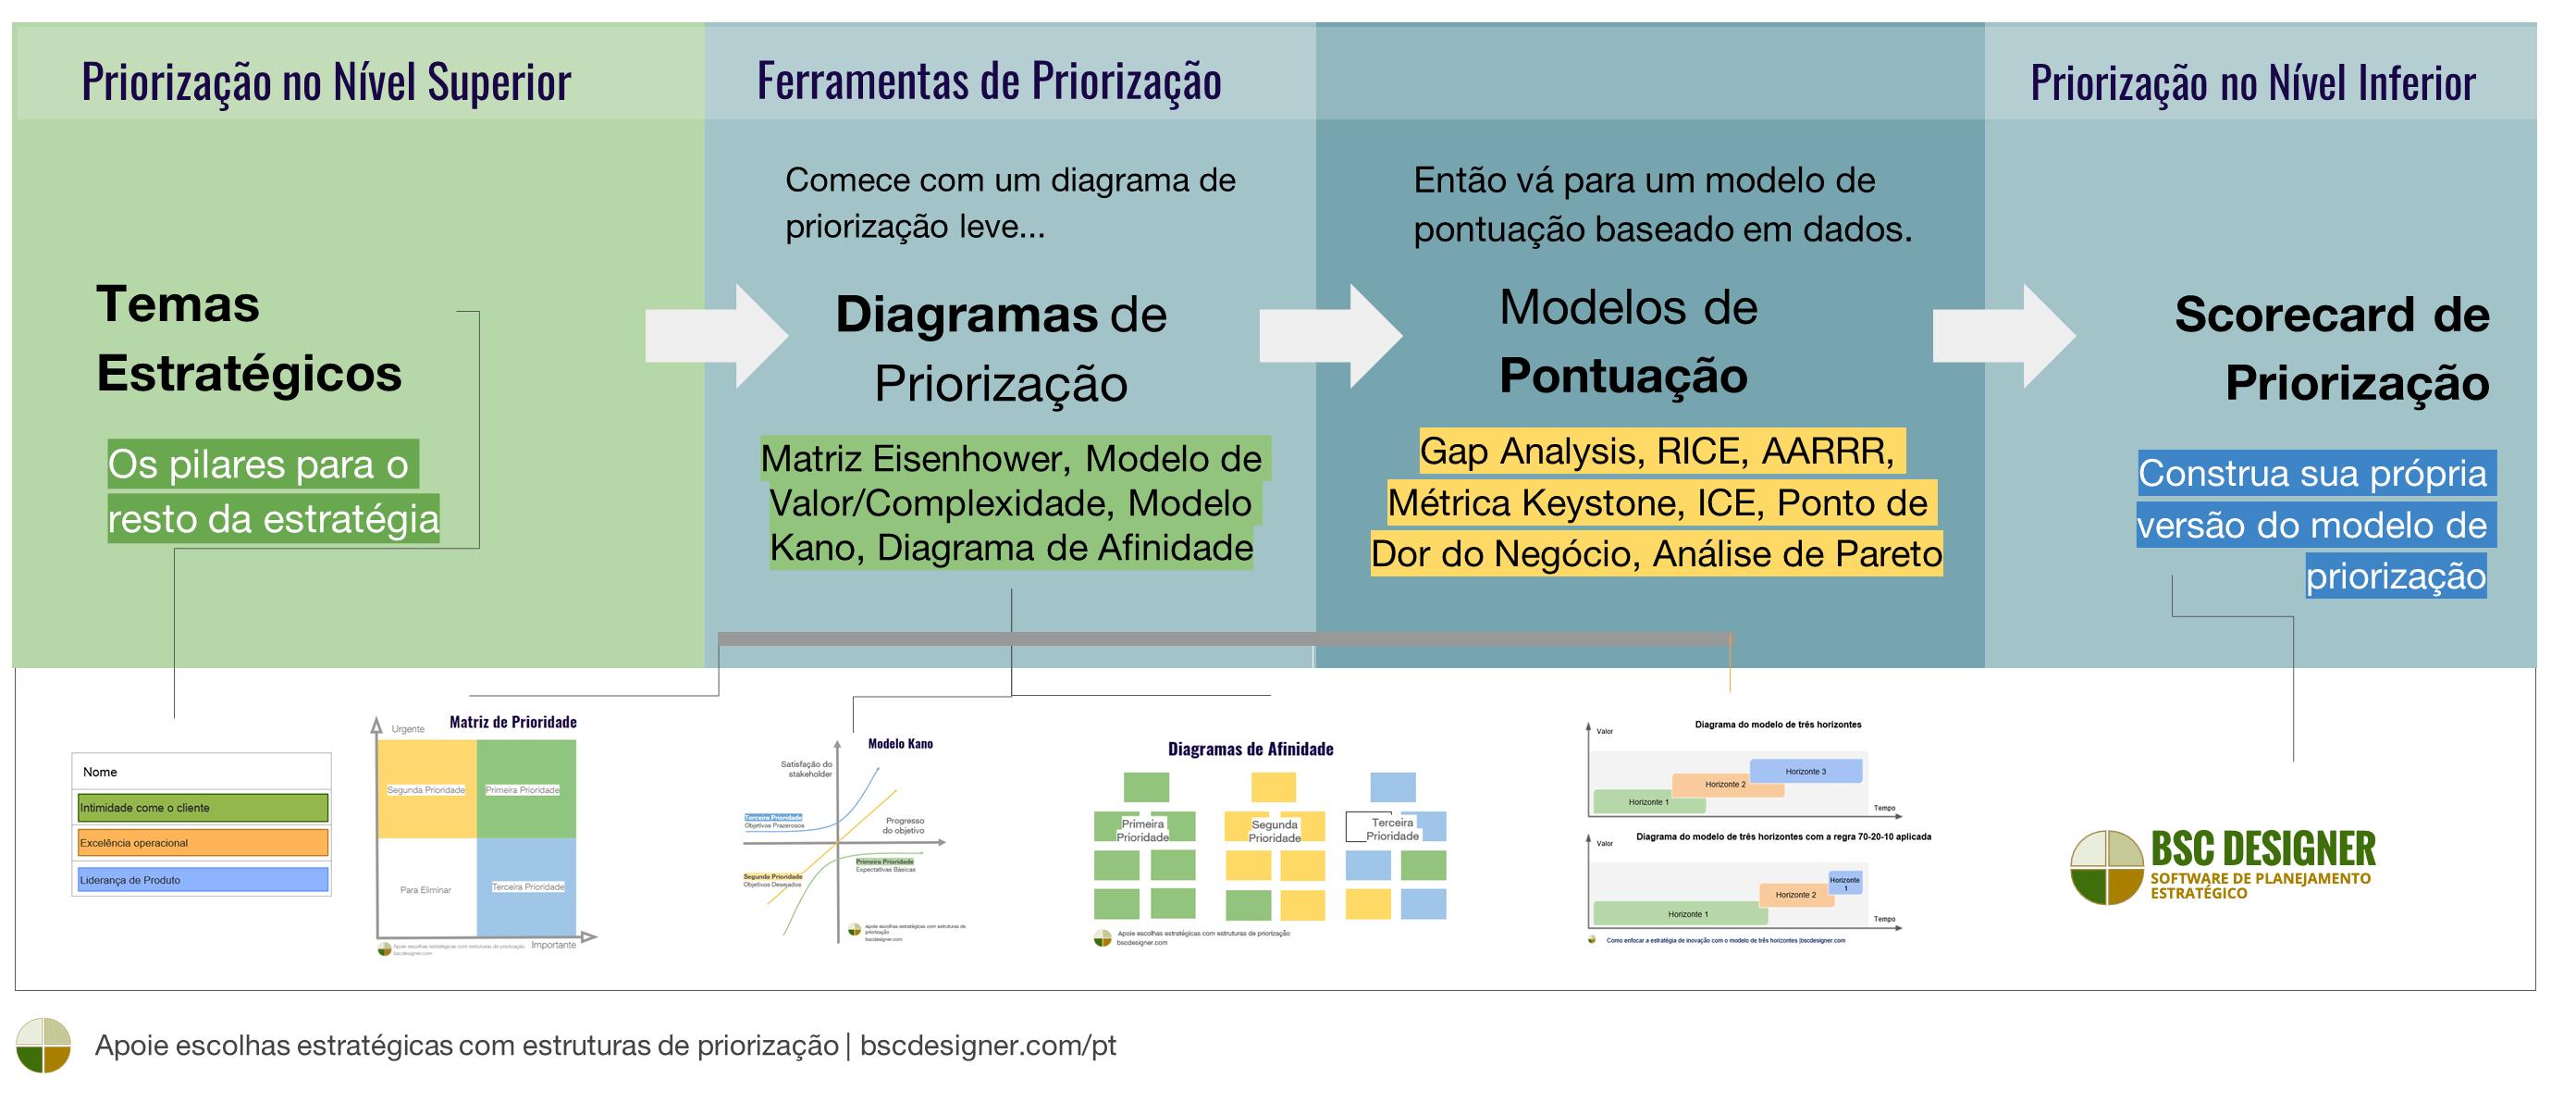 Escolhas Estratégicas Com Modelos de Priorização – Ferramentas de Priorização